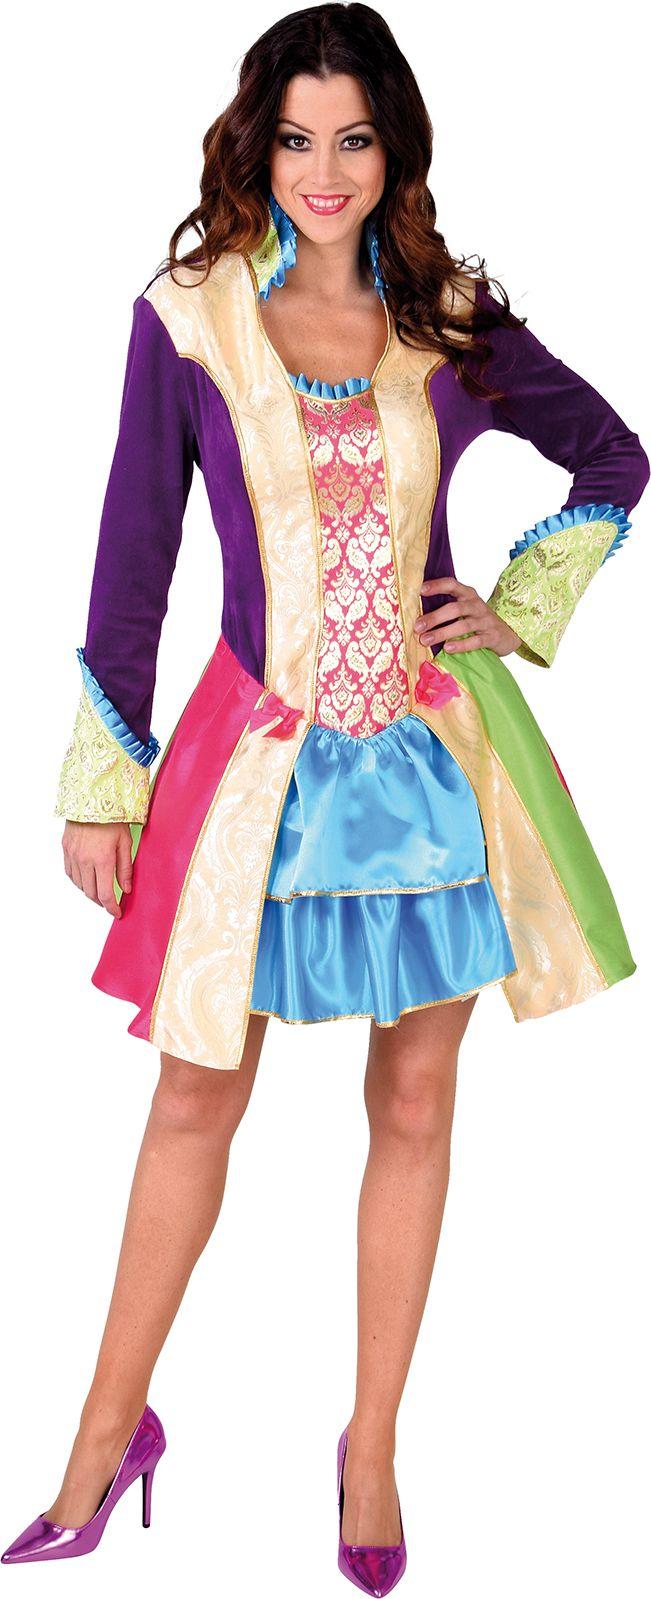 Kleurige carnavals jurk dames